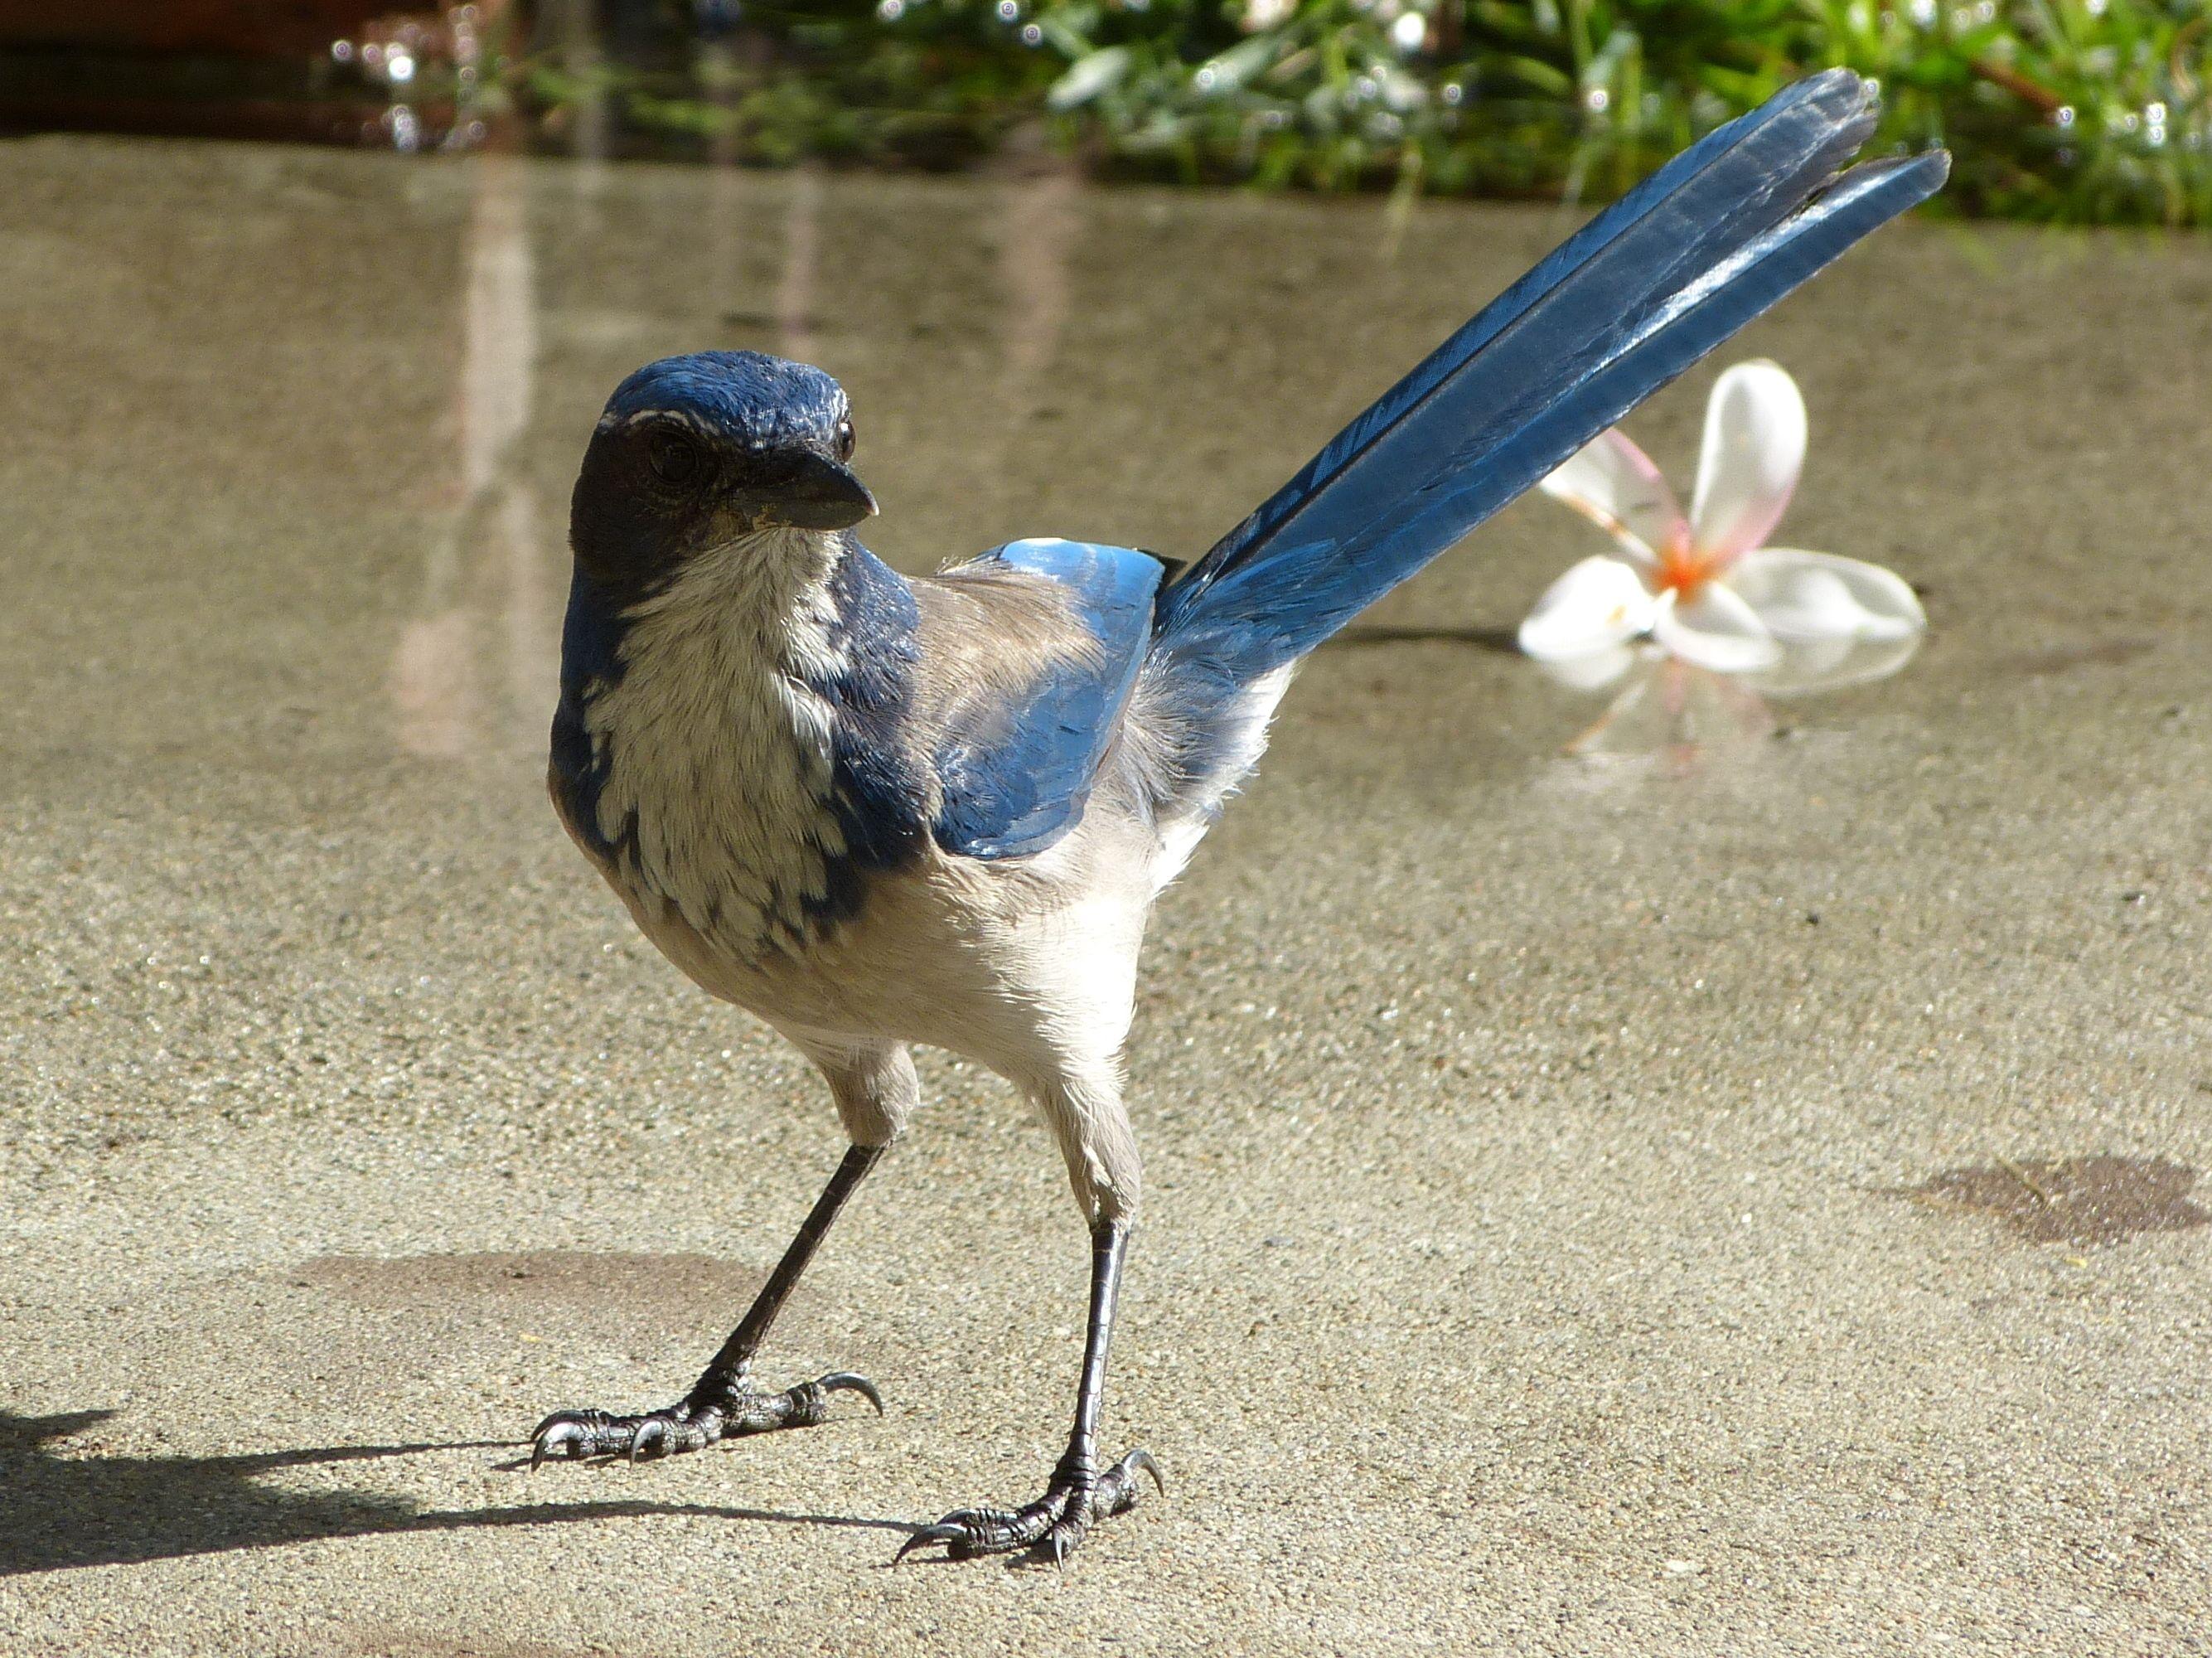 Scrub Jay